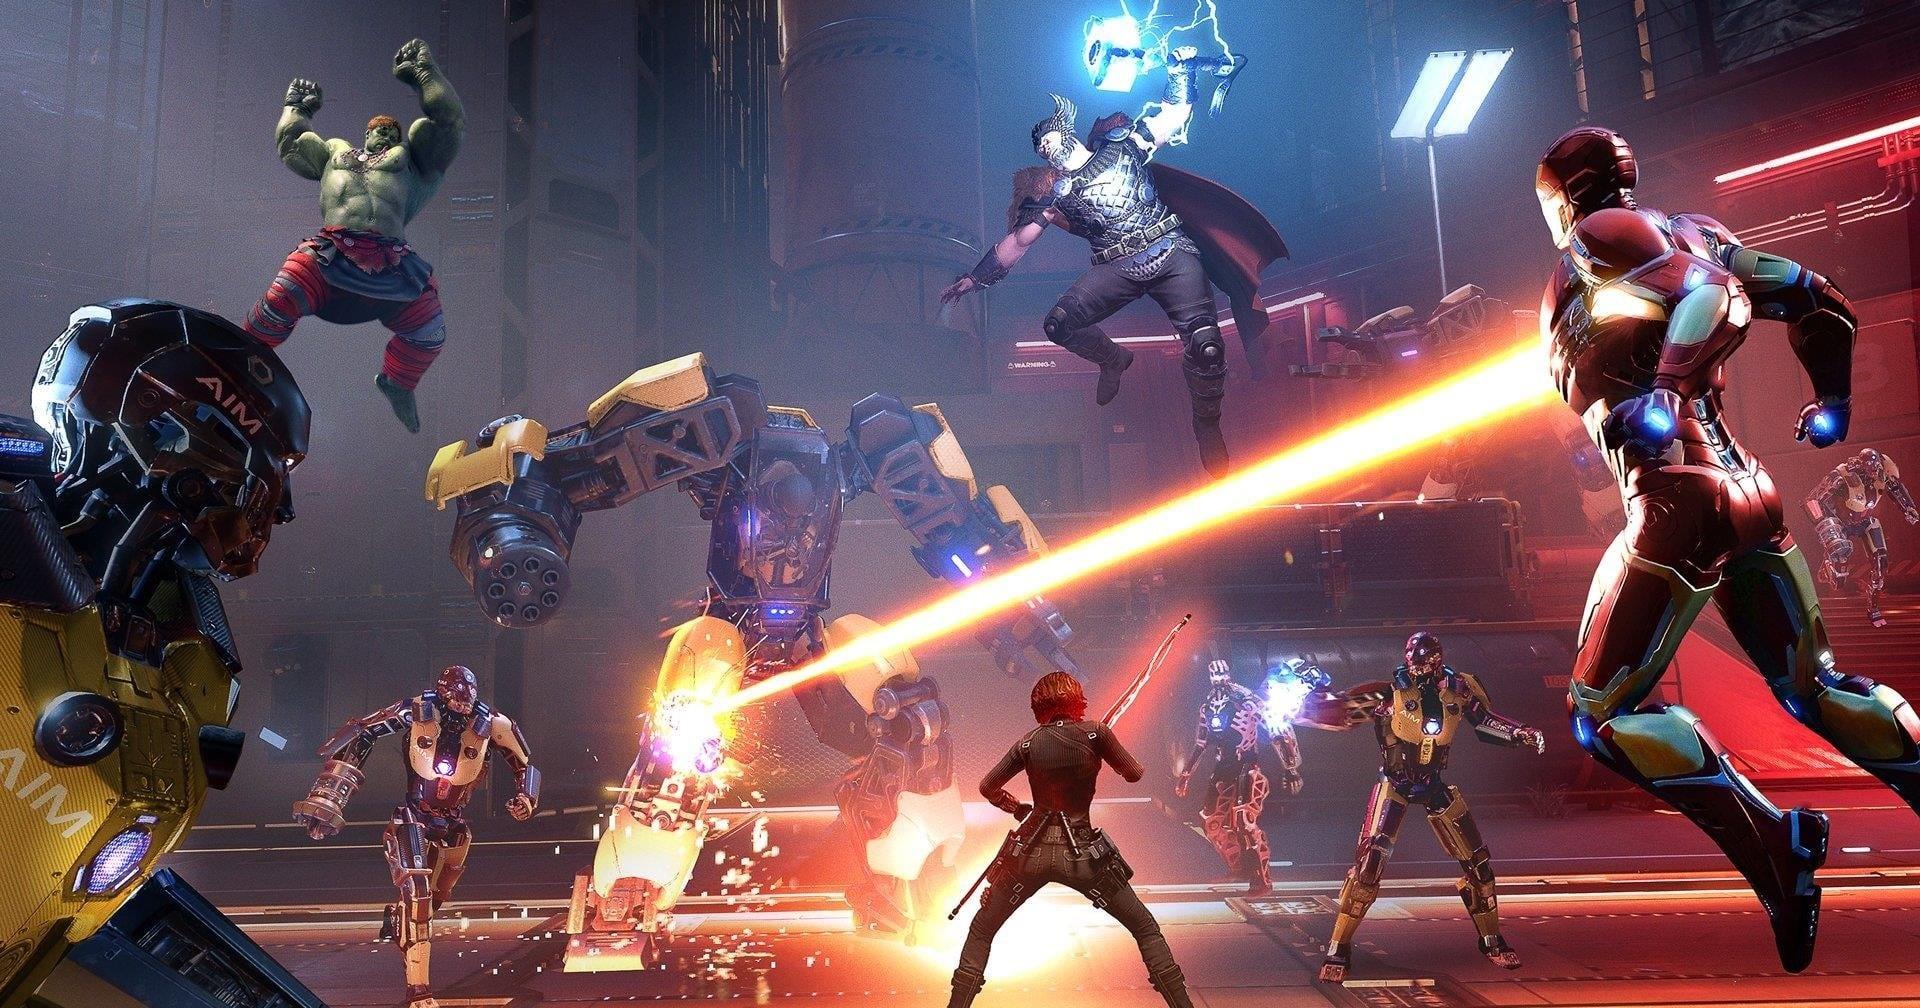 marvels-avengers-screencap-6.jpg